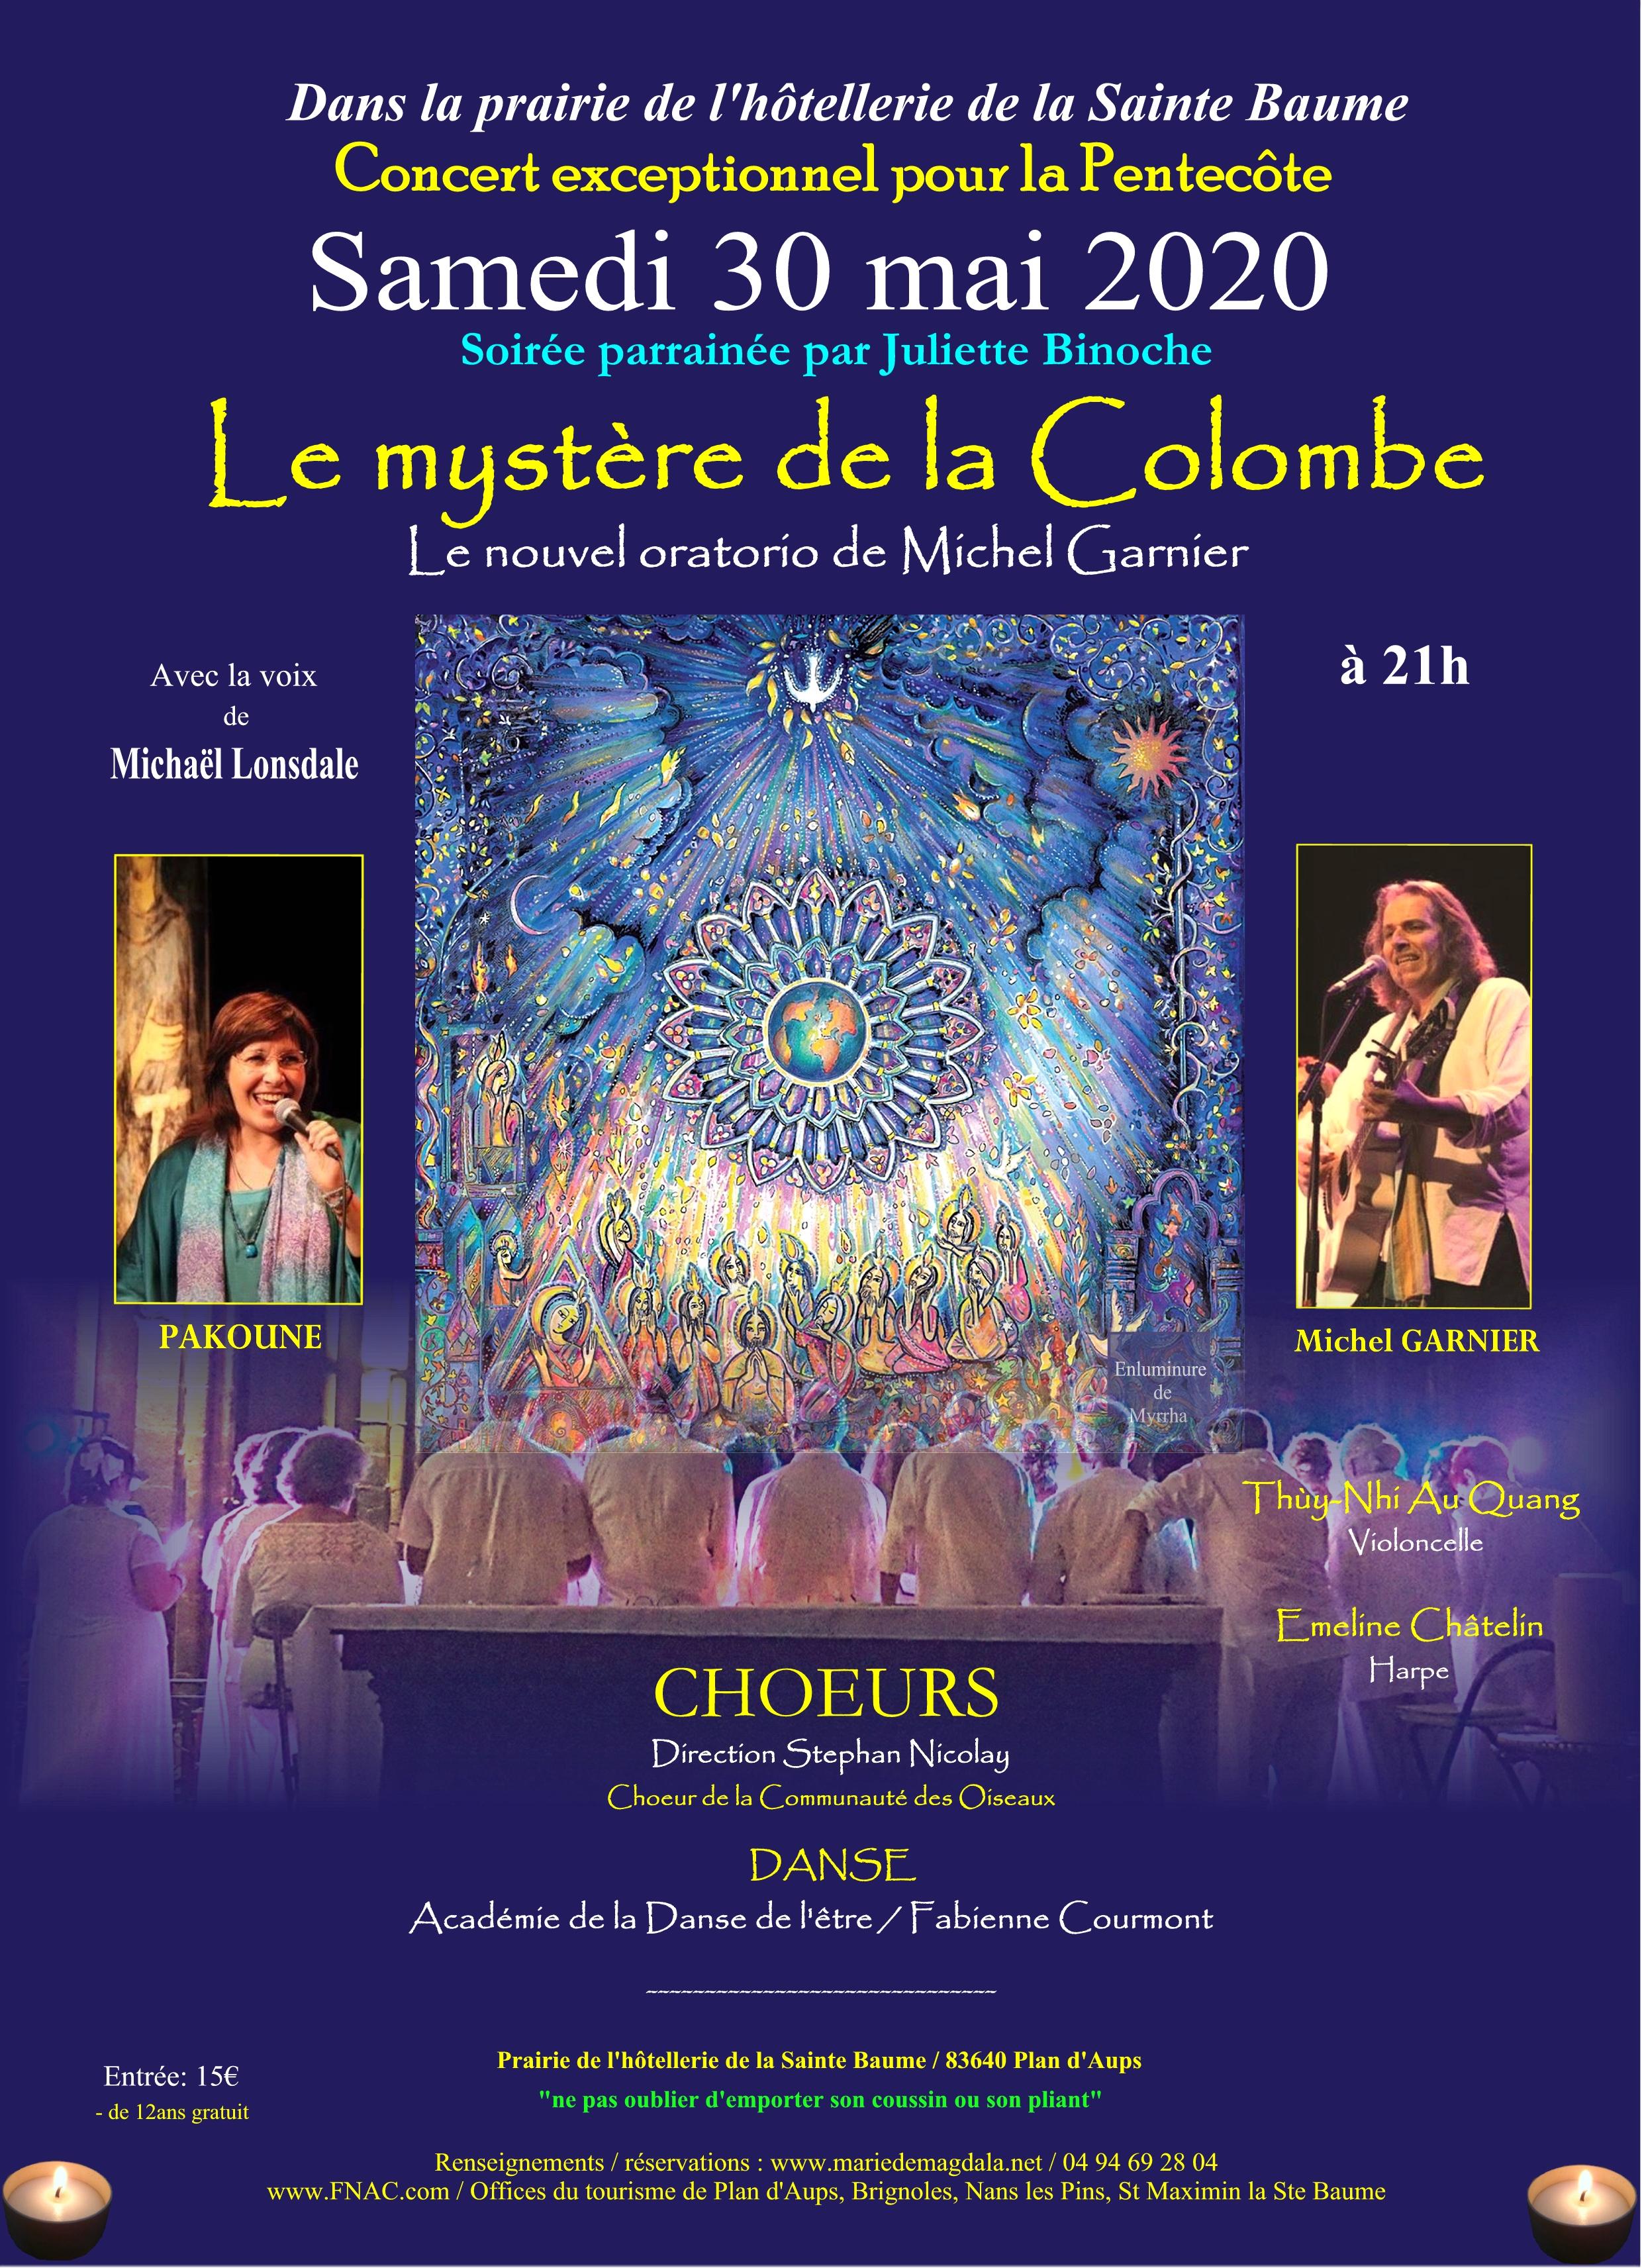 Concert 30 mai 2020 Le mystère de la colombe